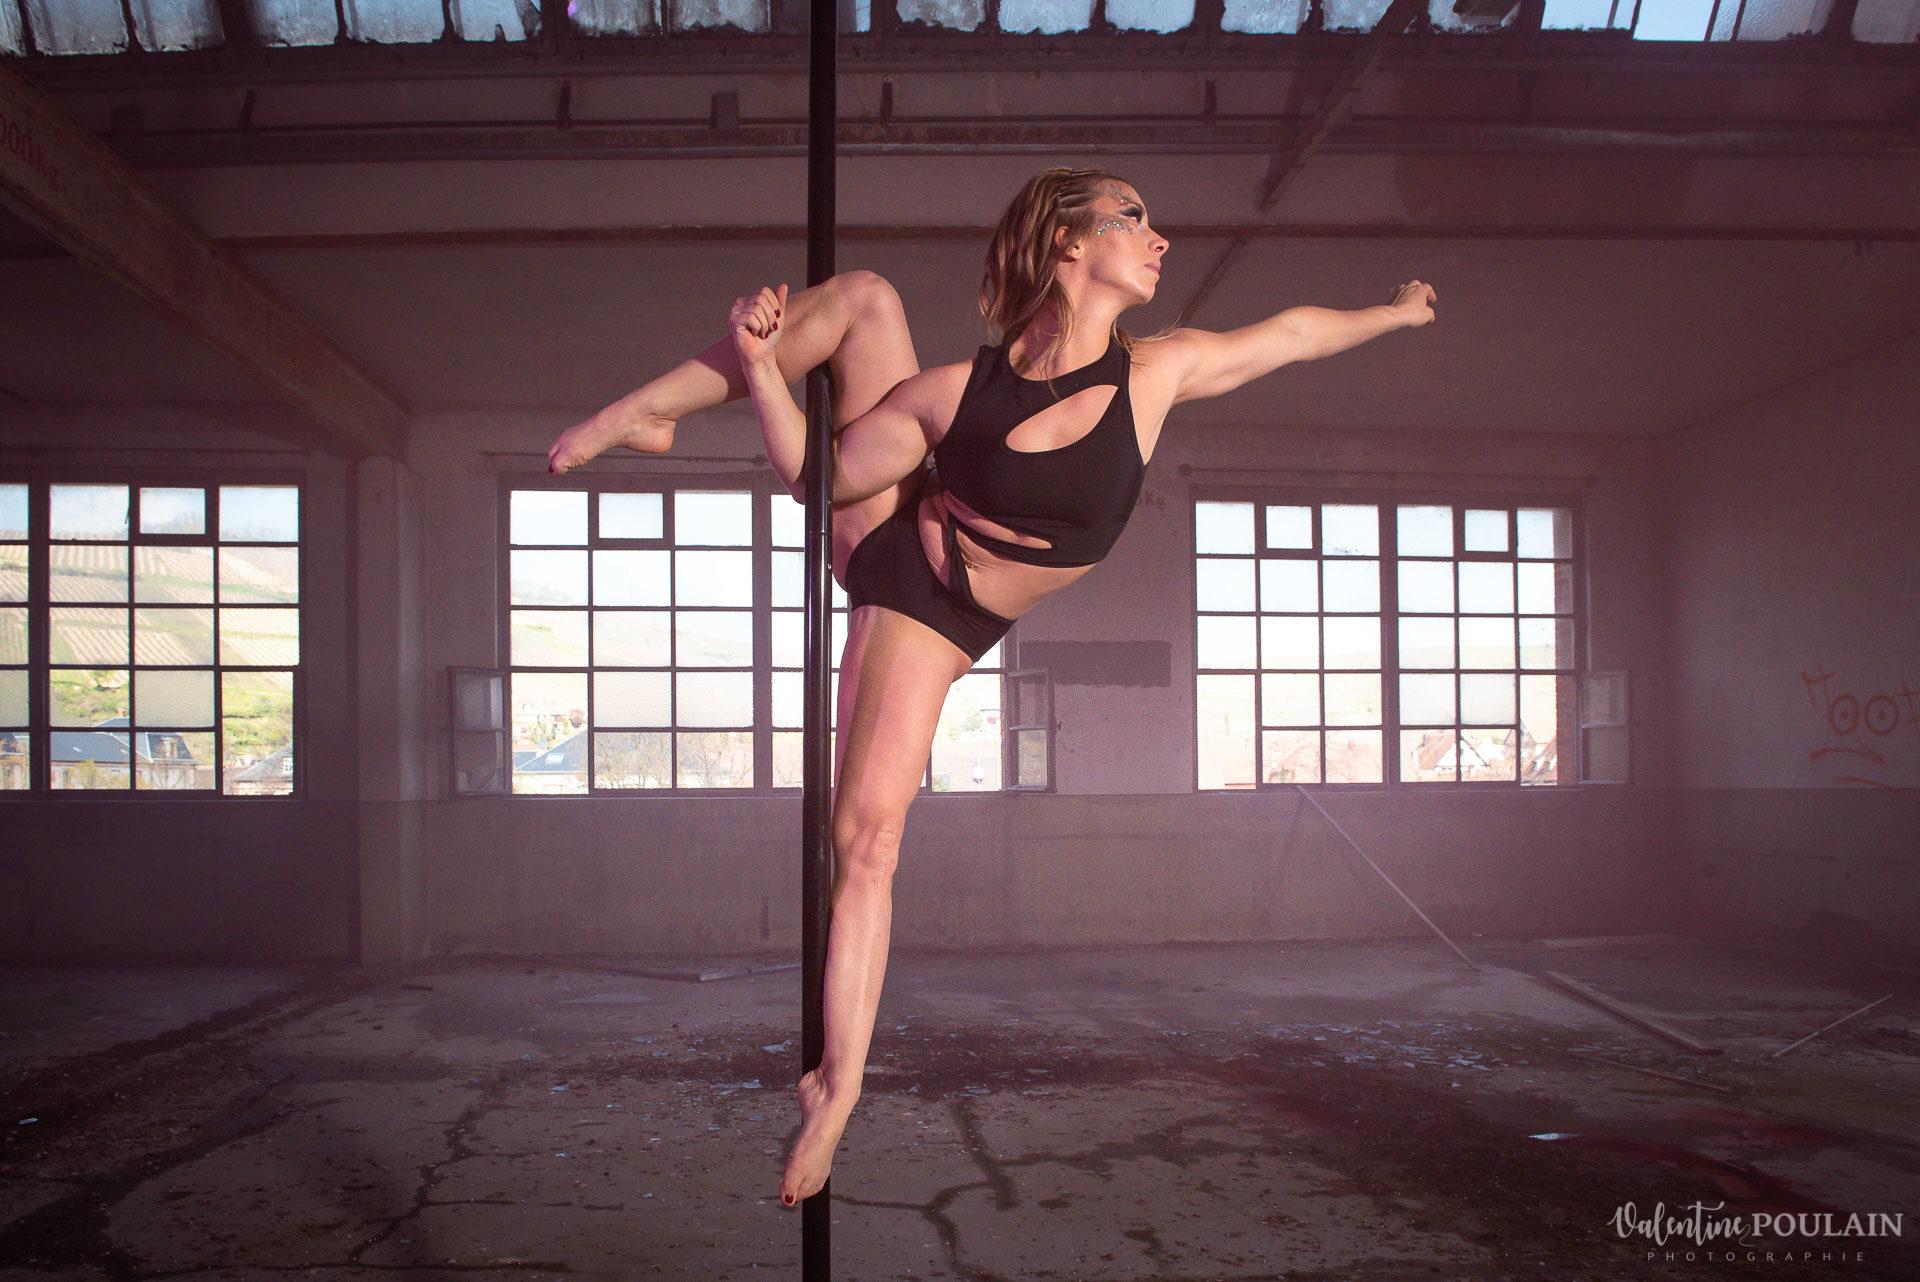 Shooting Pole Dance gymnastique - Valentine Poulain art